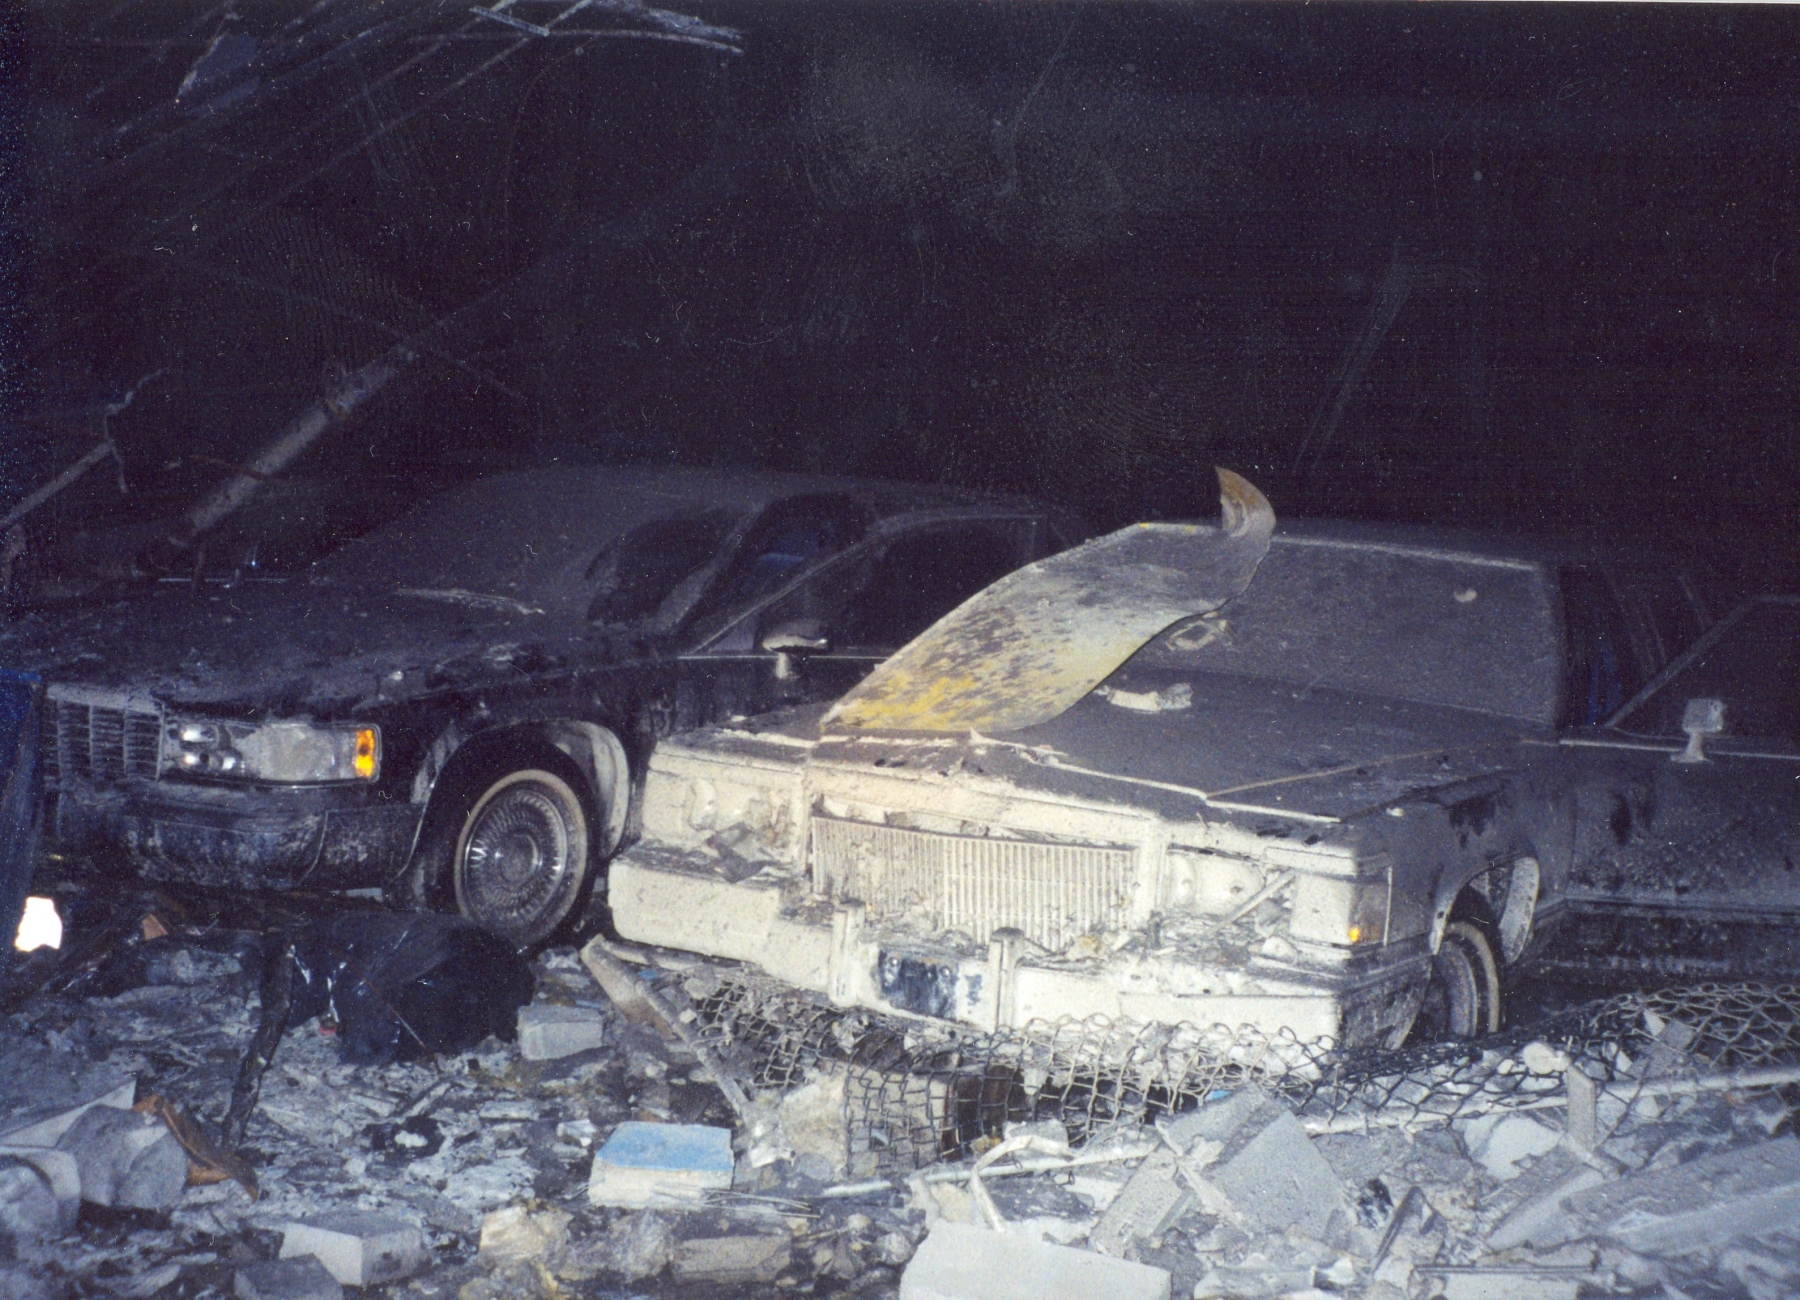 Những chiếc limousine bọc thép đỗ ở nơi từng là văn phòng thực địa của Cơ quan Mật vụ tại New York bị phá hủy sau vụ tấn công 11/9. Ảnh: Twitter/@SecretService.